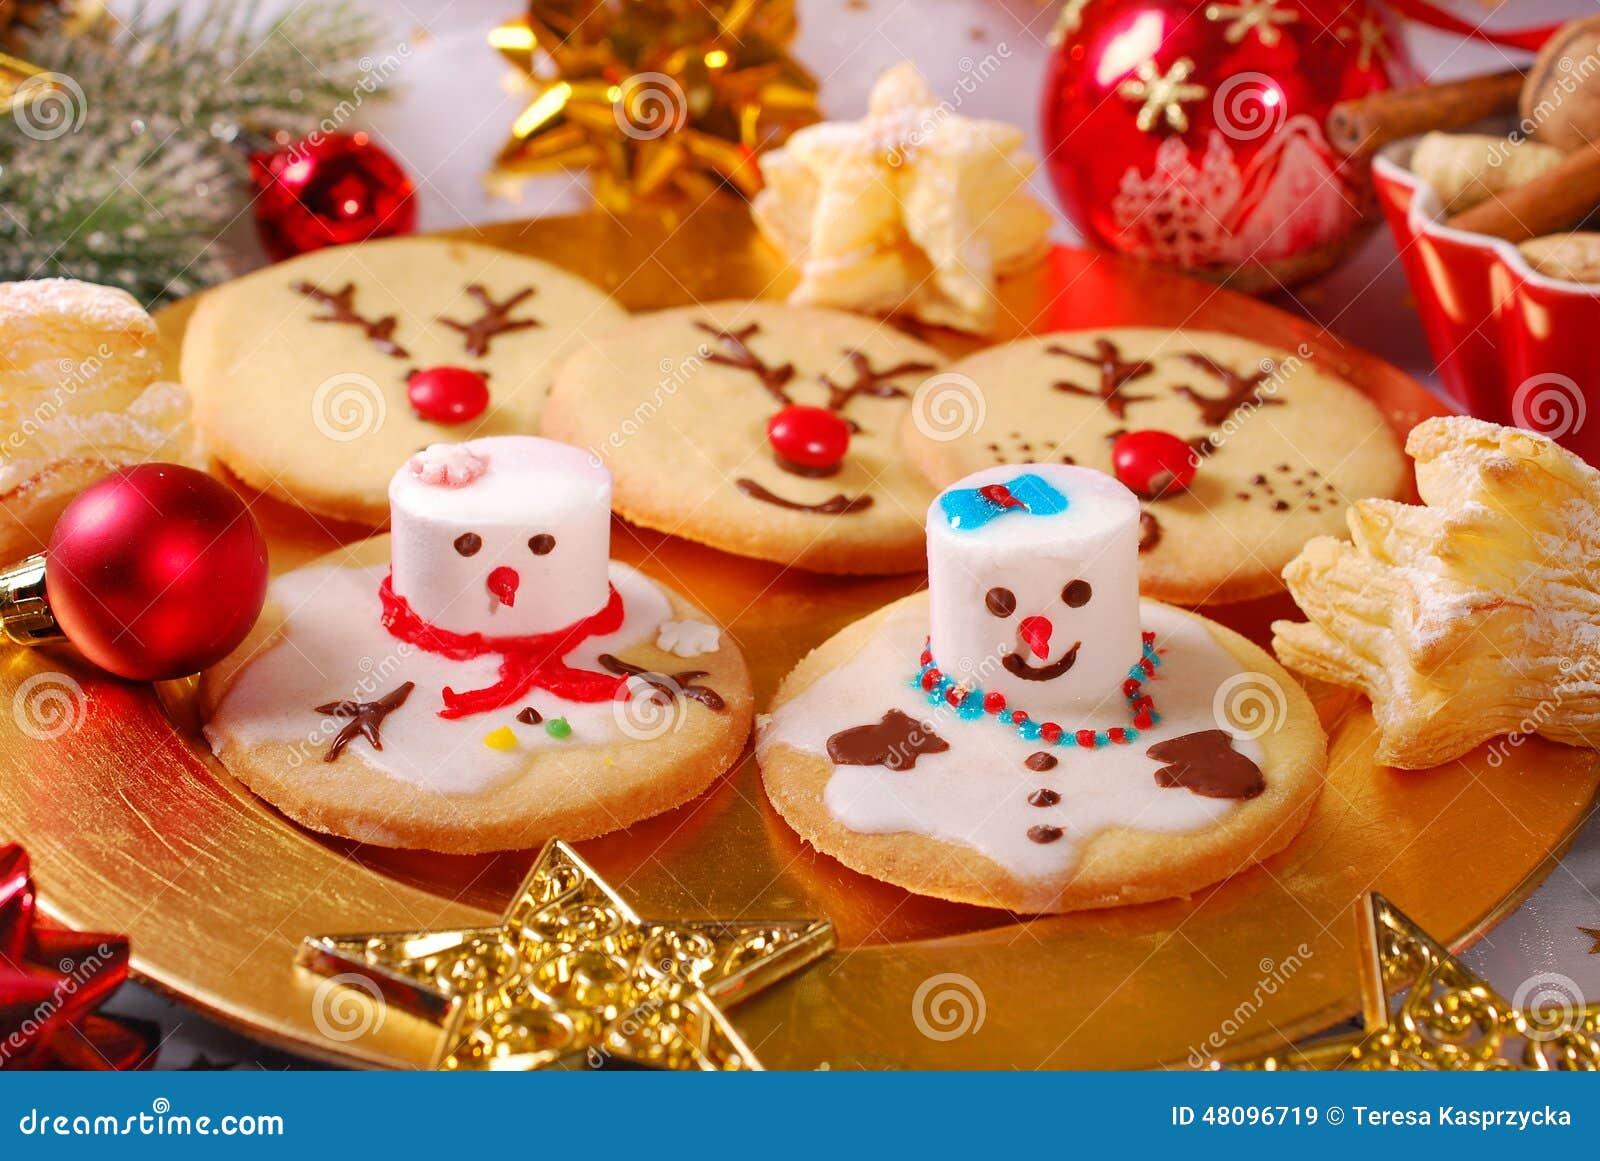 lustige weihnachtspl tzchen gemacht von den kindern stockfoto bild 48096719. Black Bedroom Furniture Sets. Home Design Ideas